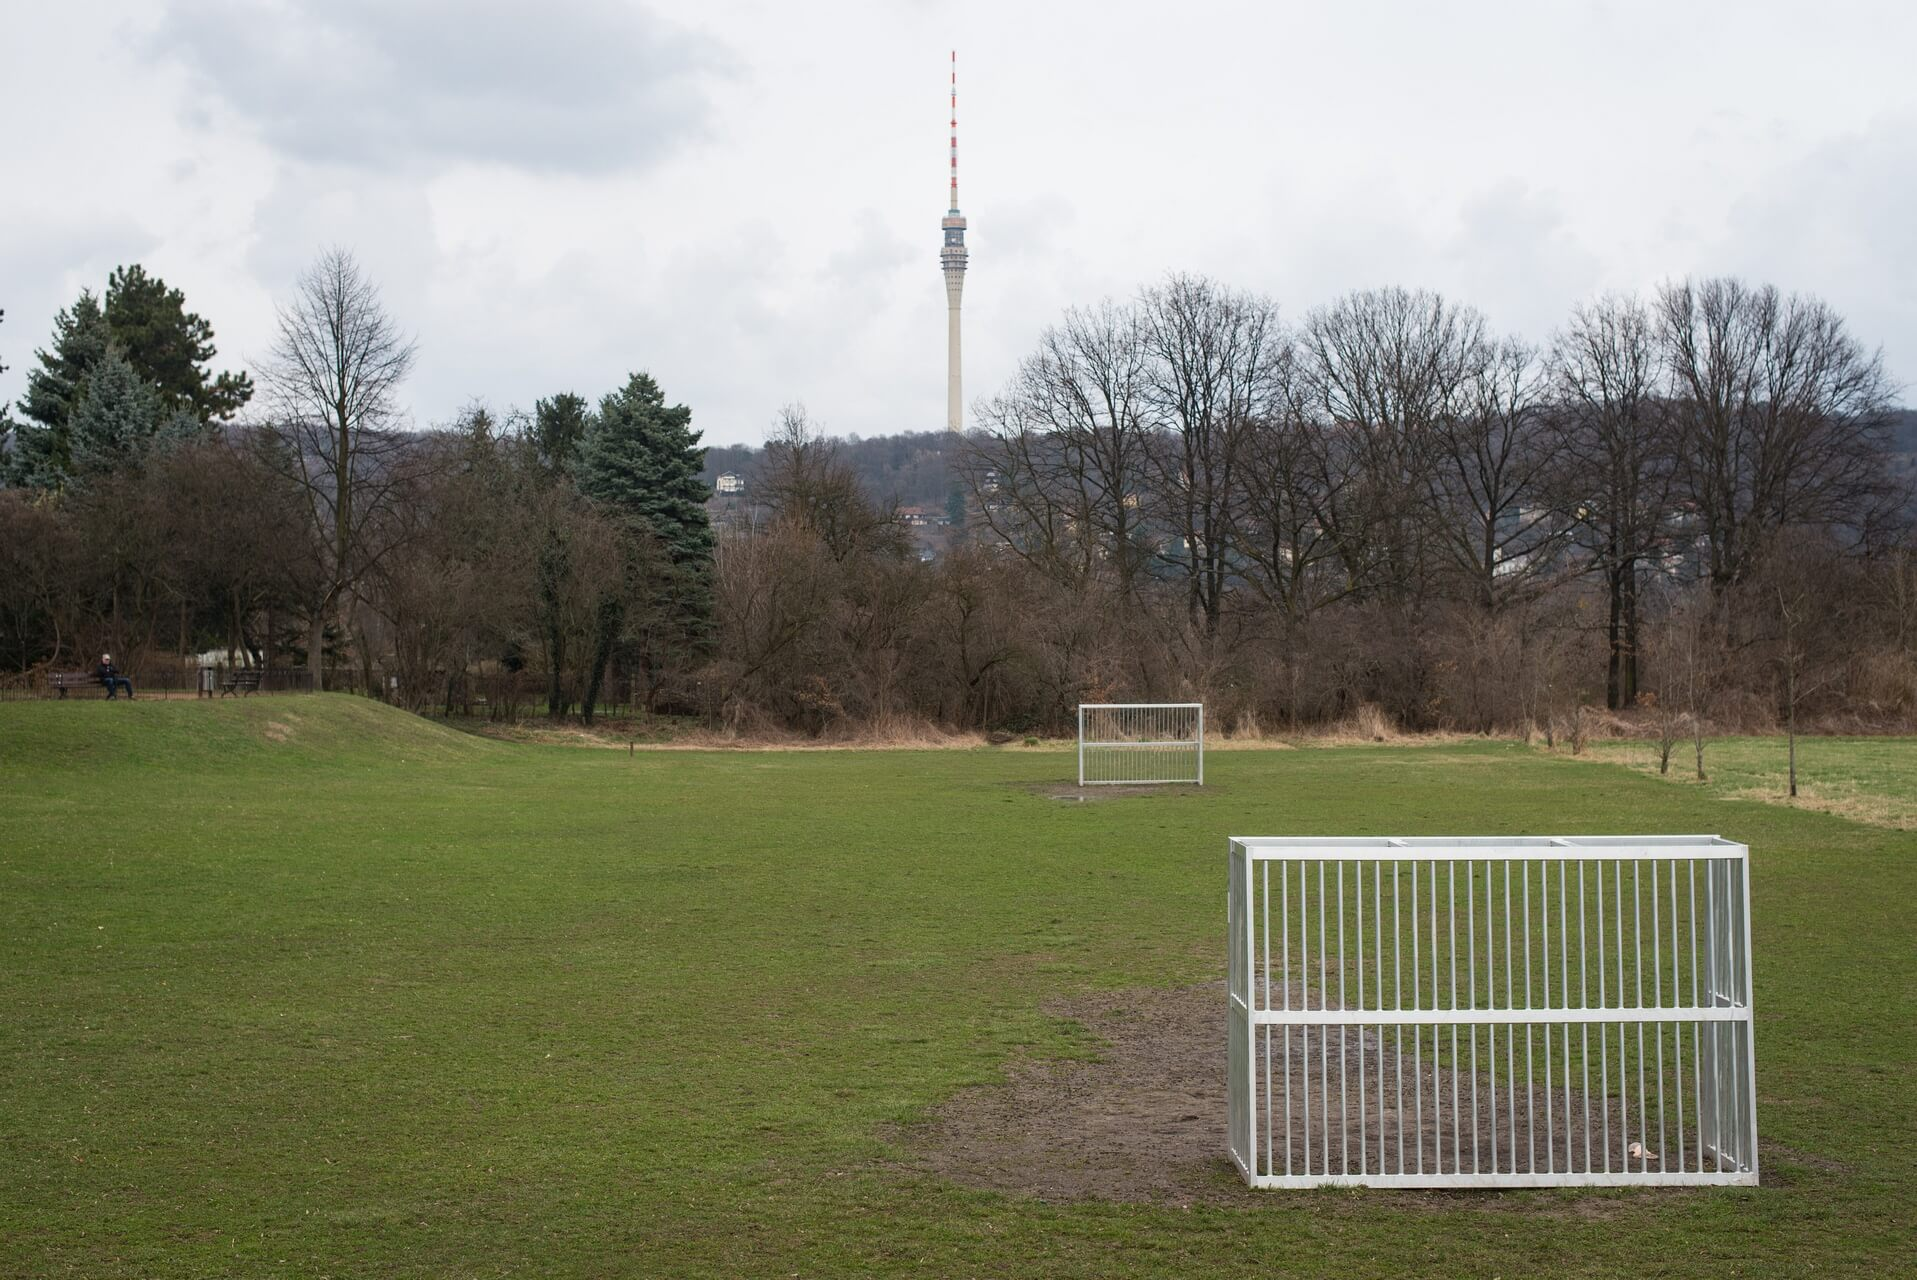 Dresdner Stadtteile - Tolkewitz; Fotograf Steffen Lohse